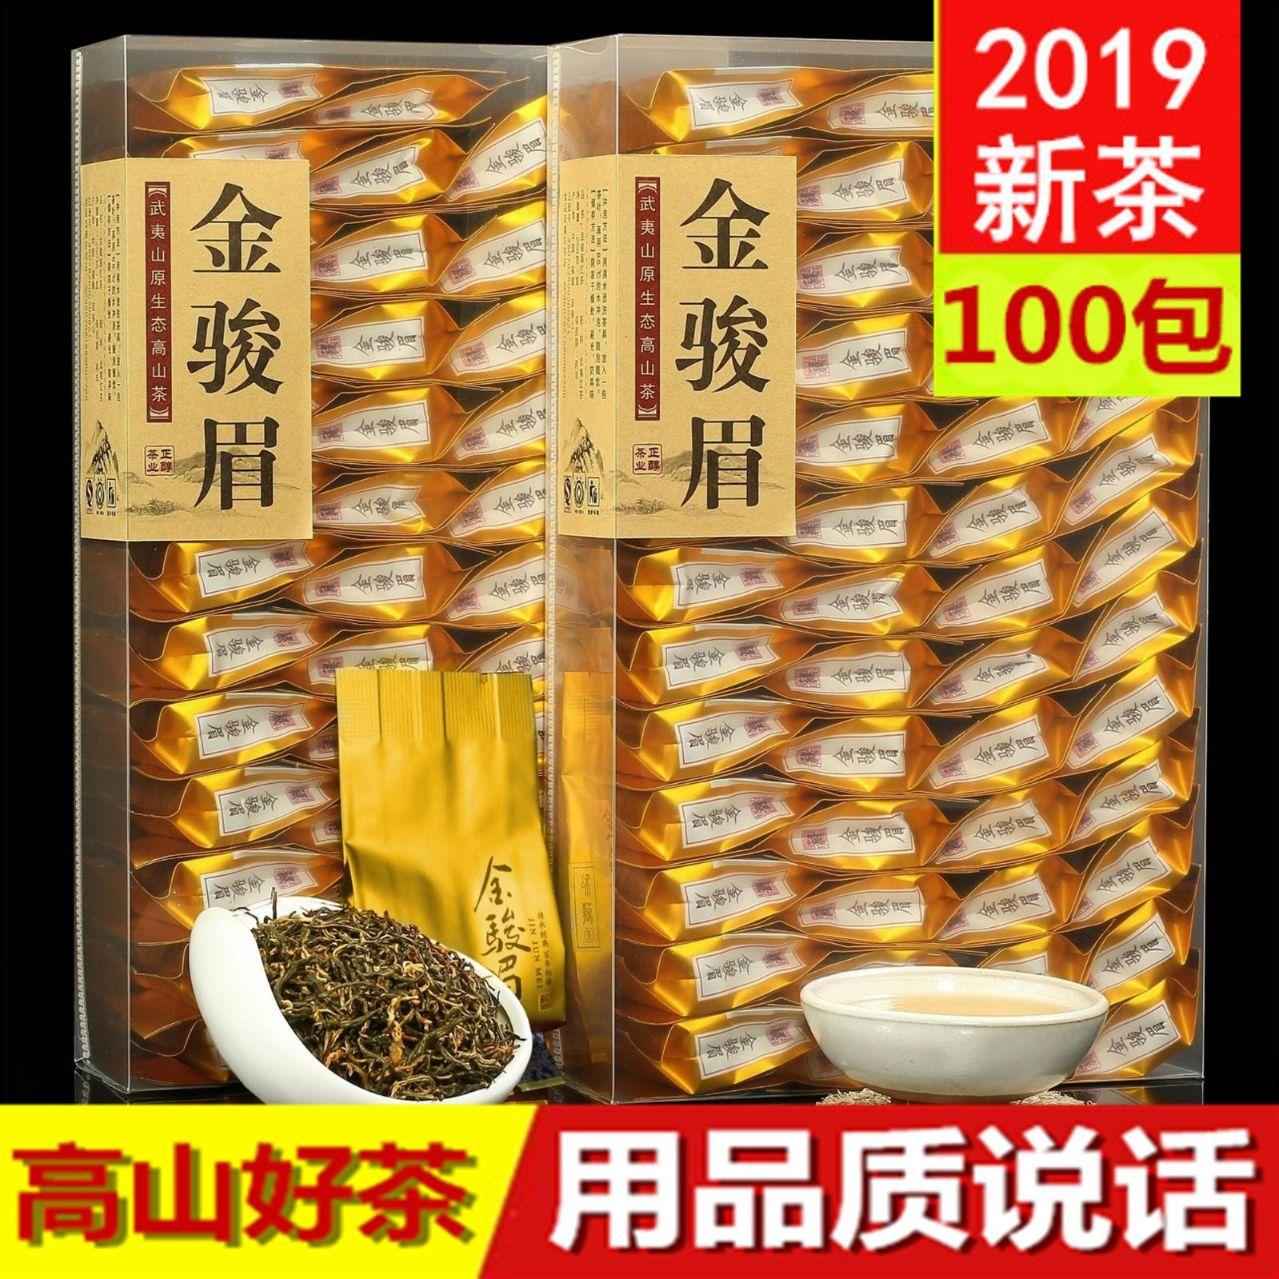 Чай Цзинь Цзюнь Мэй Артикул 44873344721